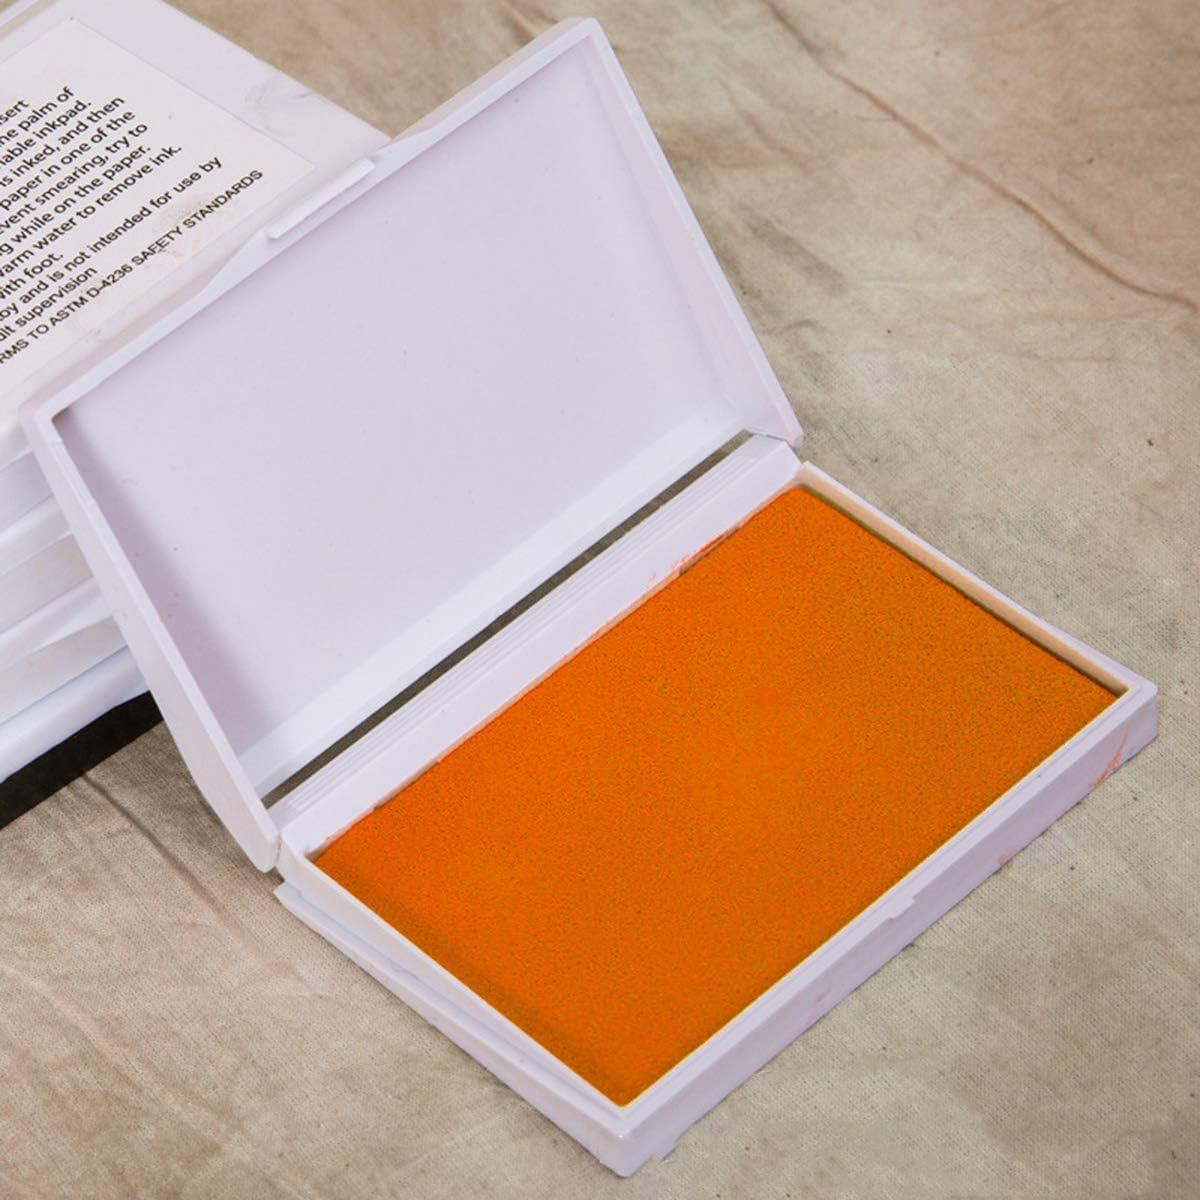 Chennie Kit de Tampons Encreurs Et Dempreintes Digitales pour B/éb/é